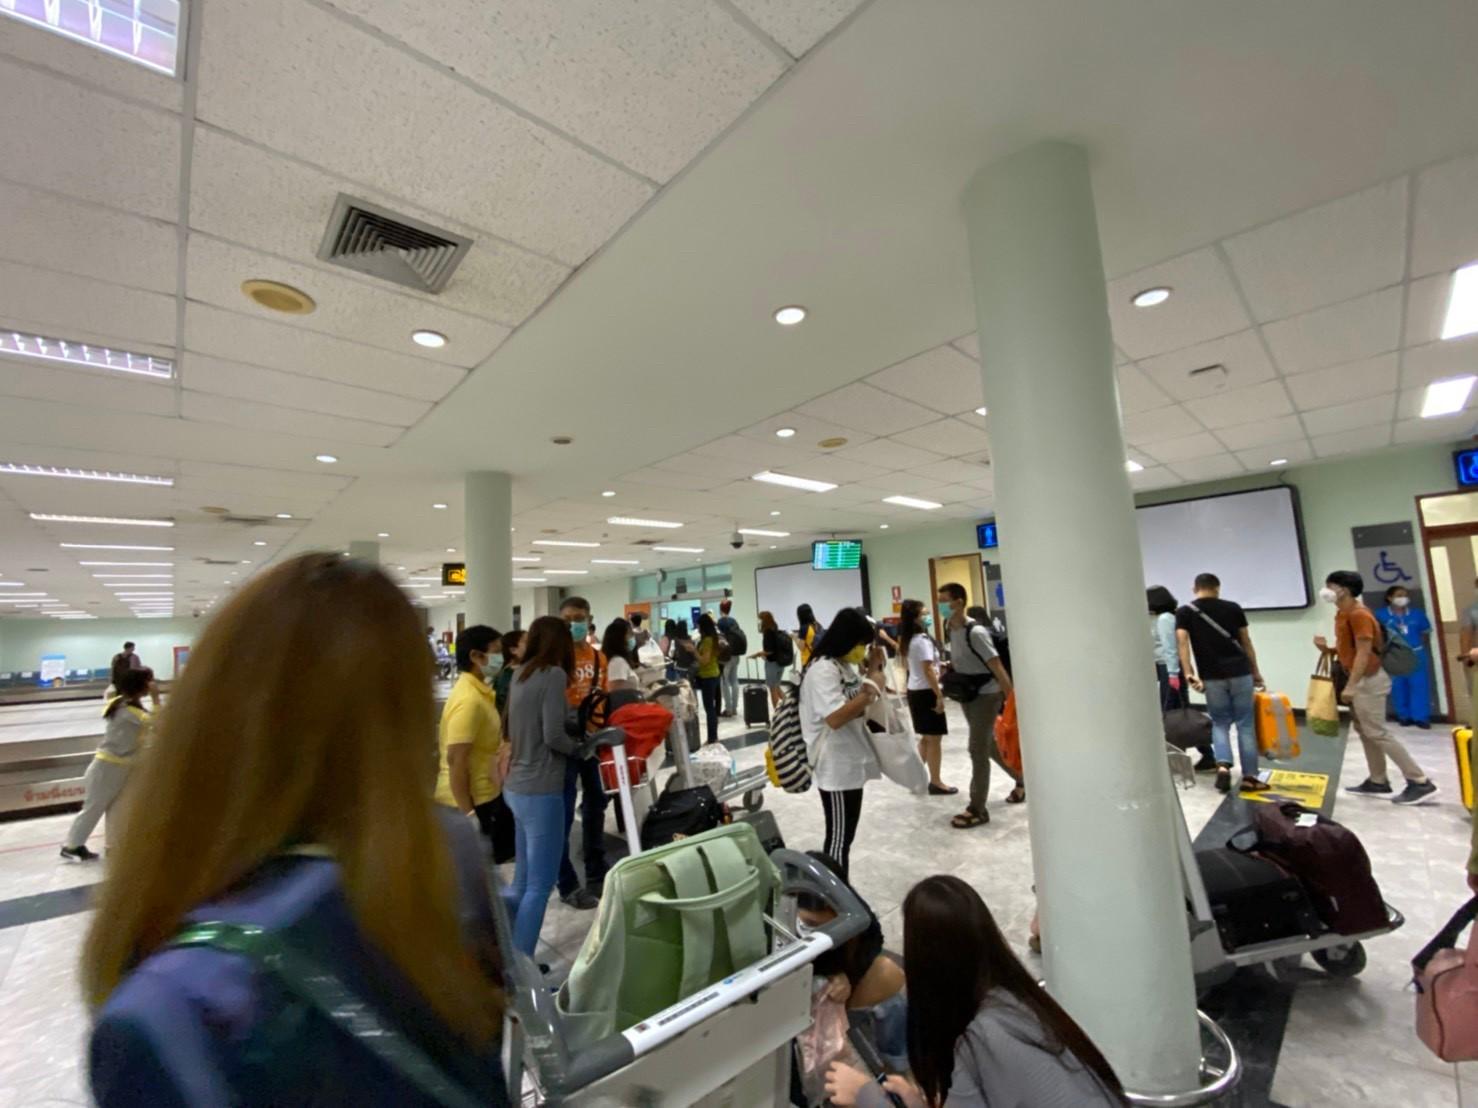 สงขลารณรงค์เที่ยวเมืองไทย การ์ดไม่ตกช่วงวันหยุดยาว